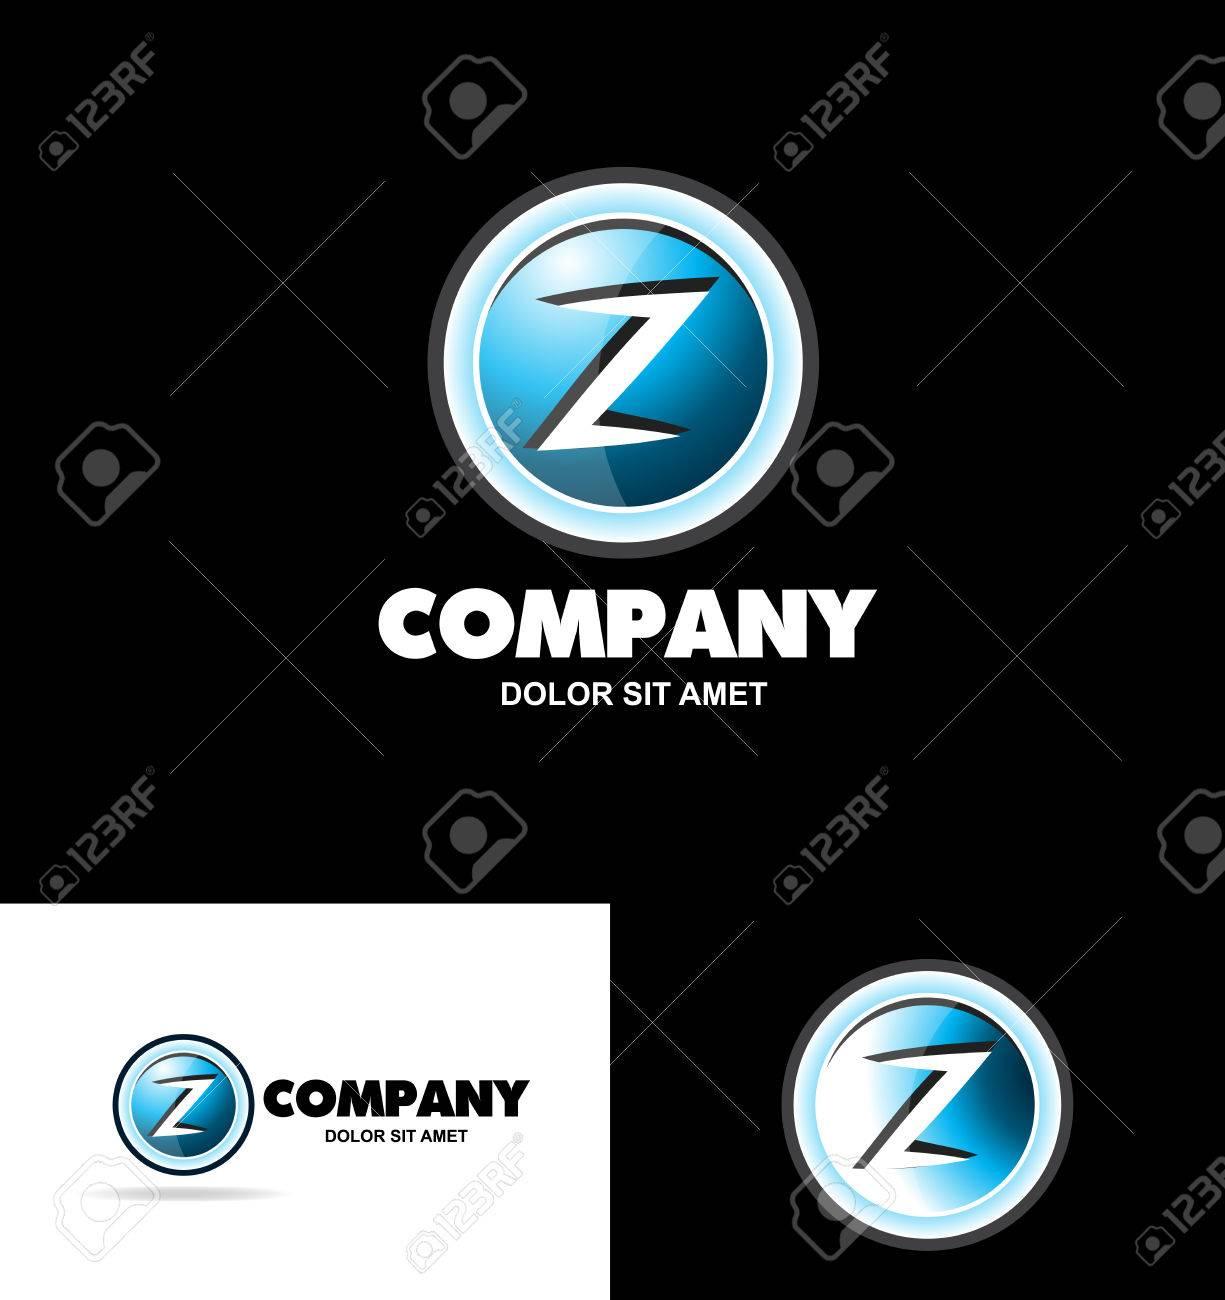 Logo Icône Modèle D'élément Lettre De L'alphabet Z Médias Bleu Blanc Jeux  Bouton De Badges Publicitaires Qu'il avec Modèle D Alphabet